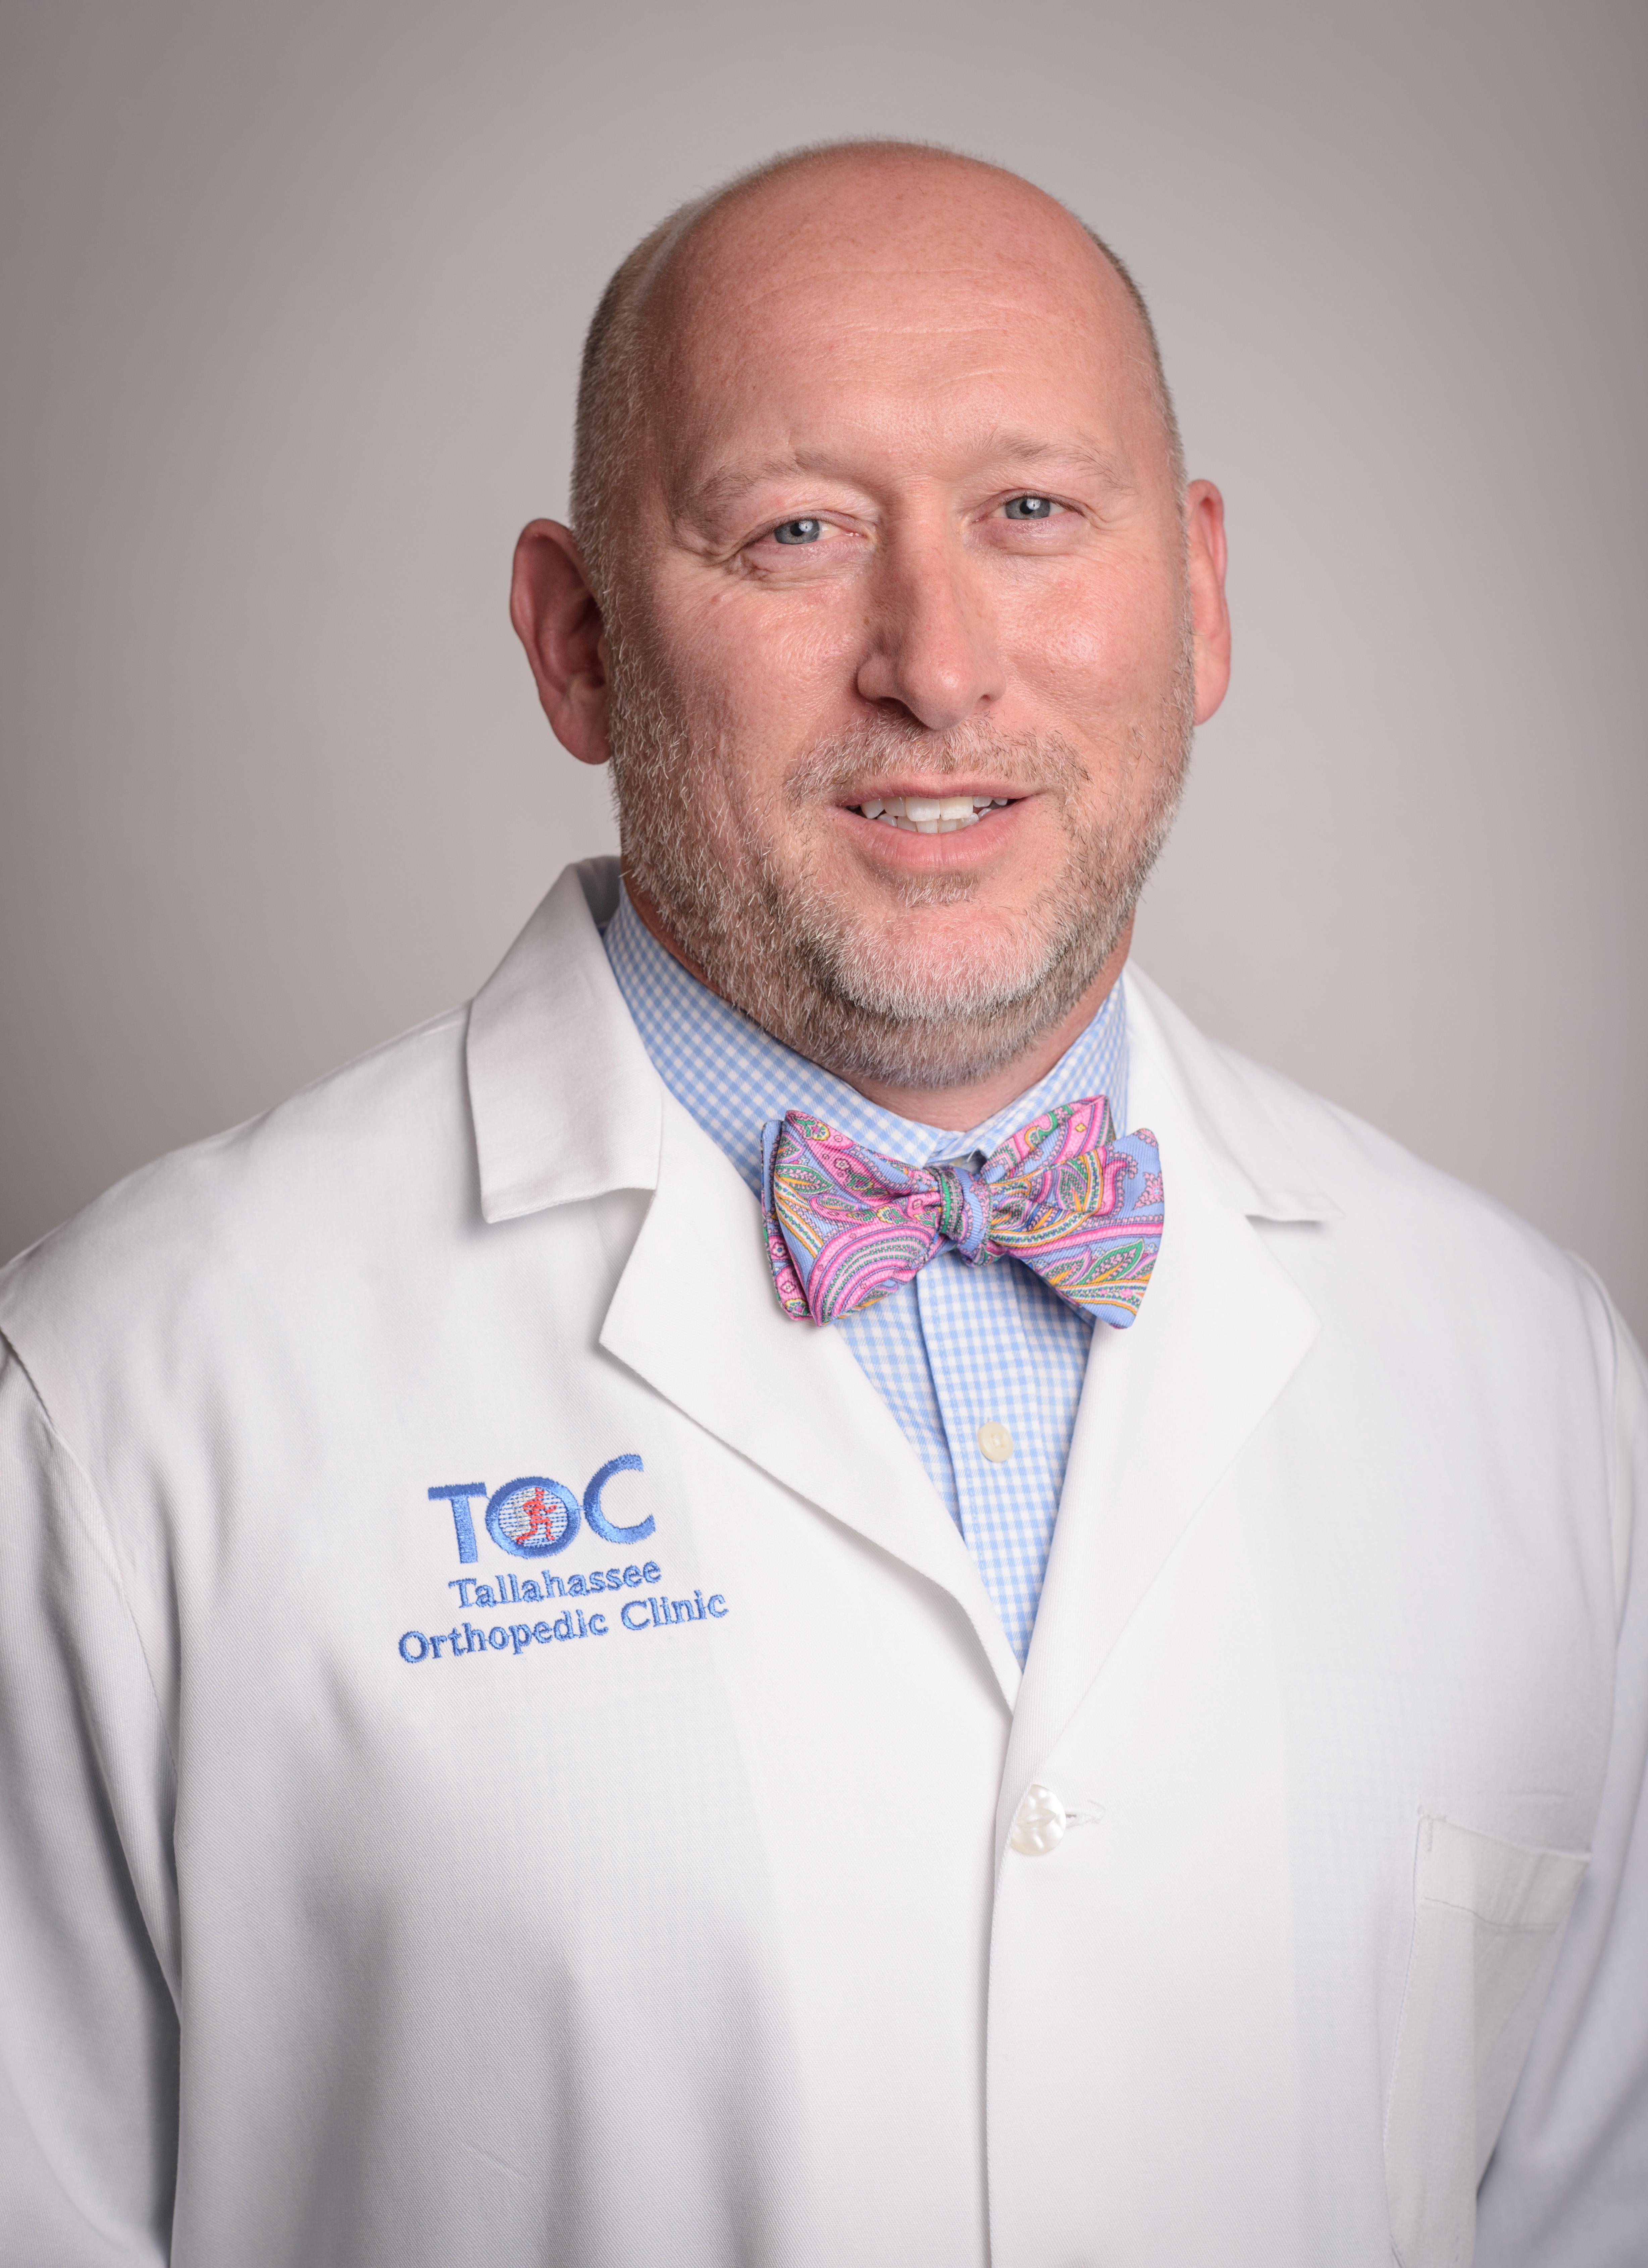 Todd D. Hewitt, M.D.